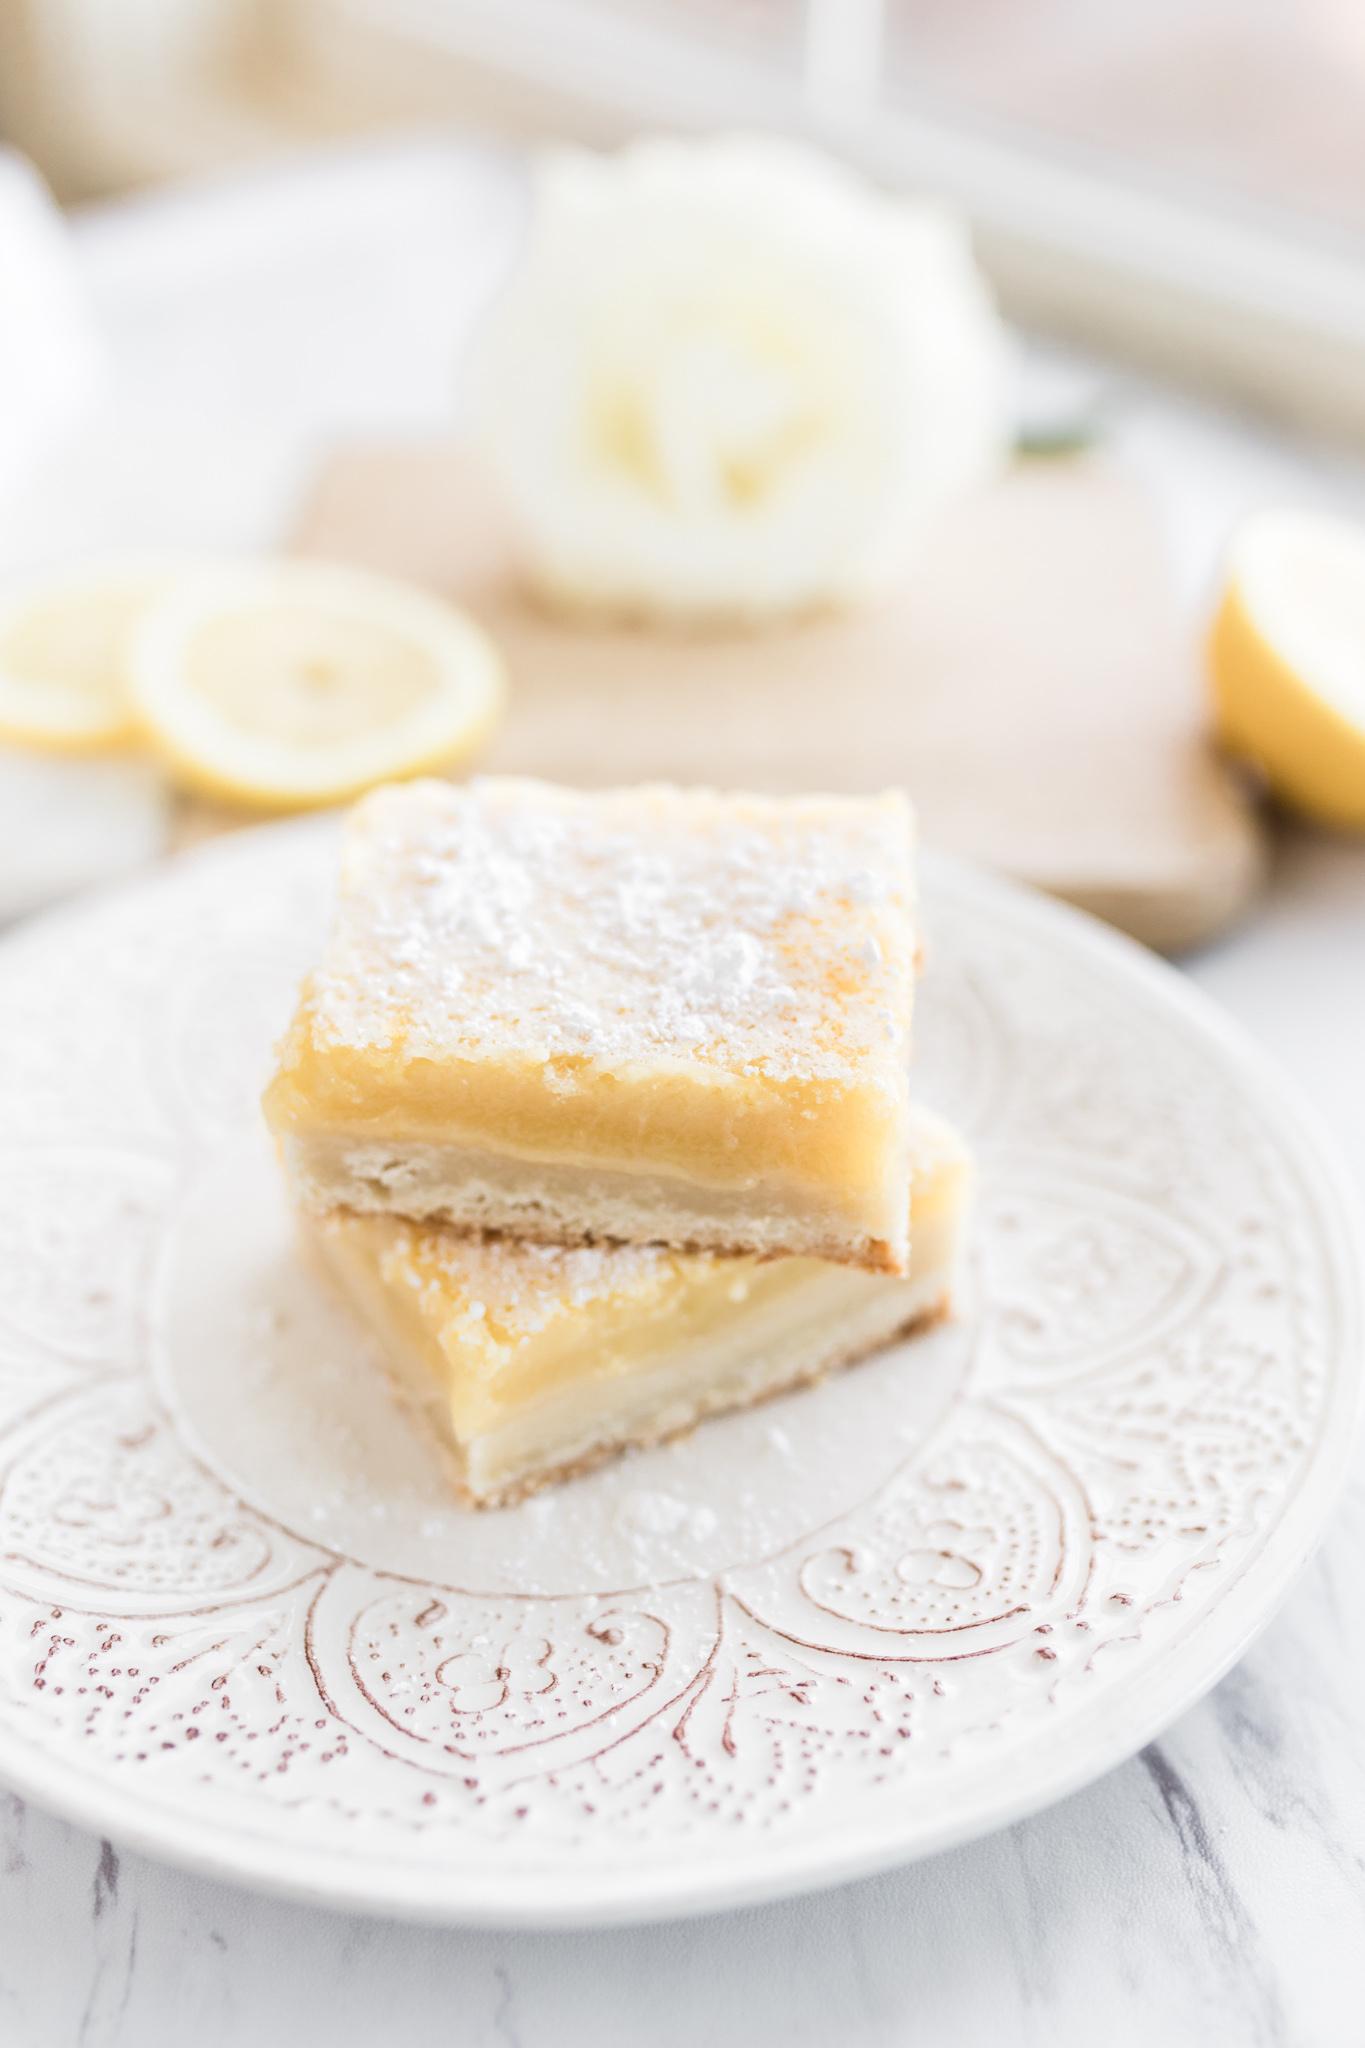 Easy homemade lemon bar recipe